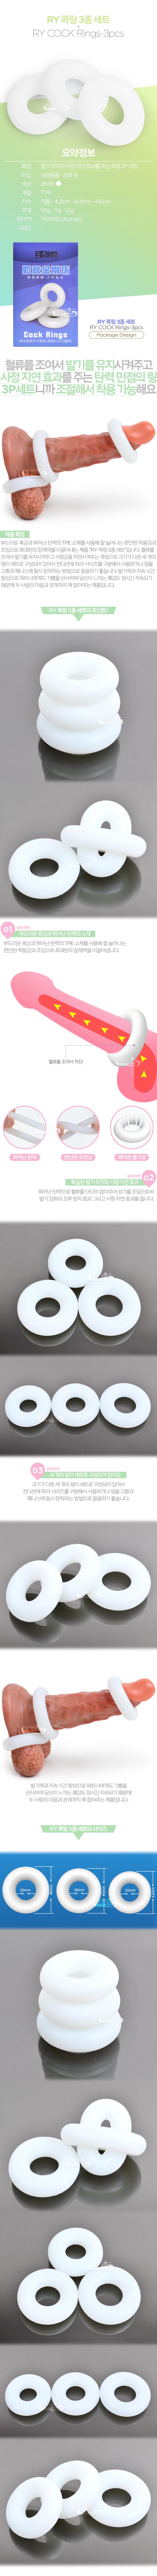 [남성 강화링] RY 콕링 3종 세트(RY COCK Rings-3pcs) - 아이챠오(LN0592) (ICH)